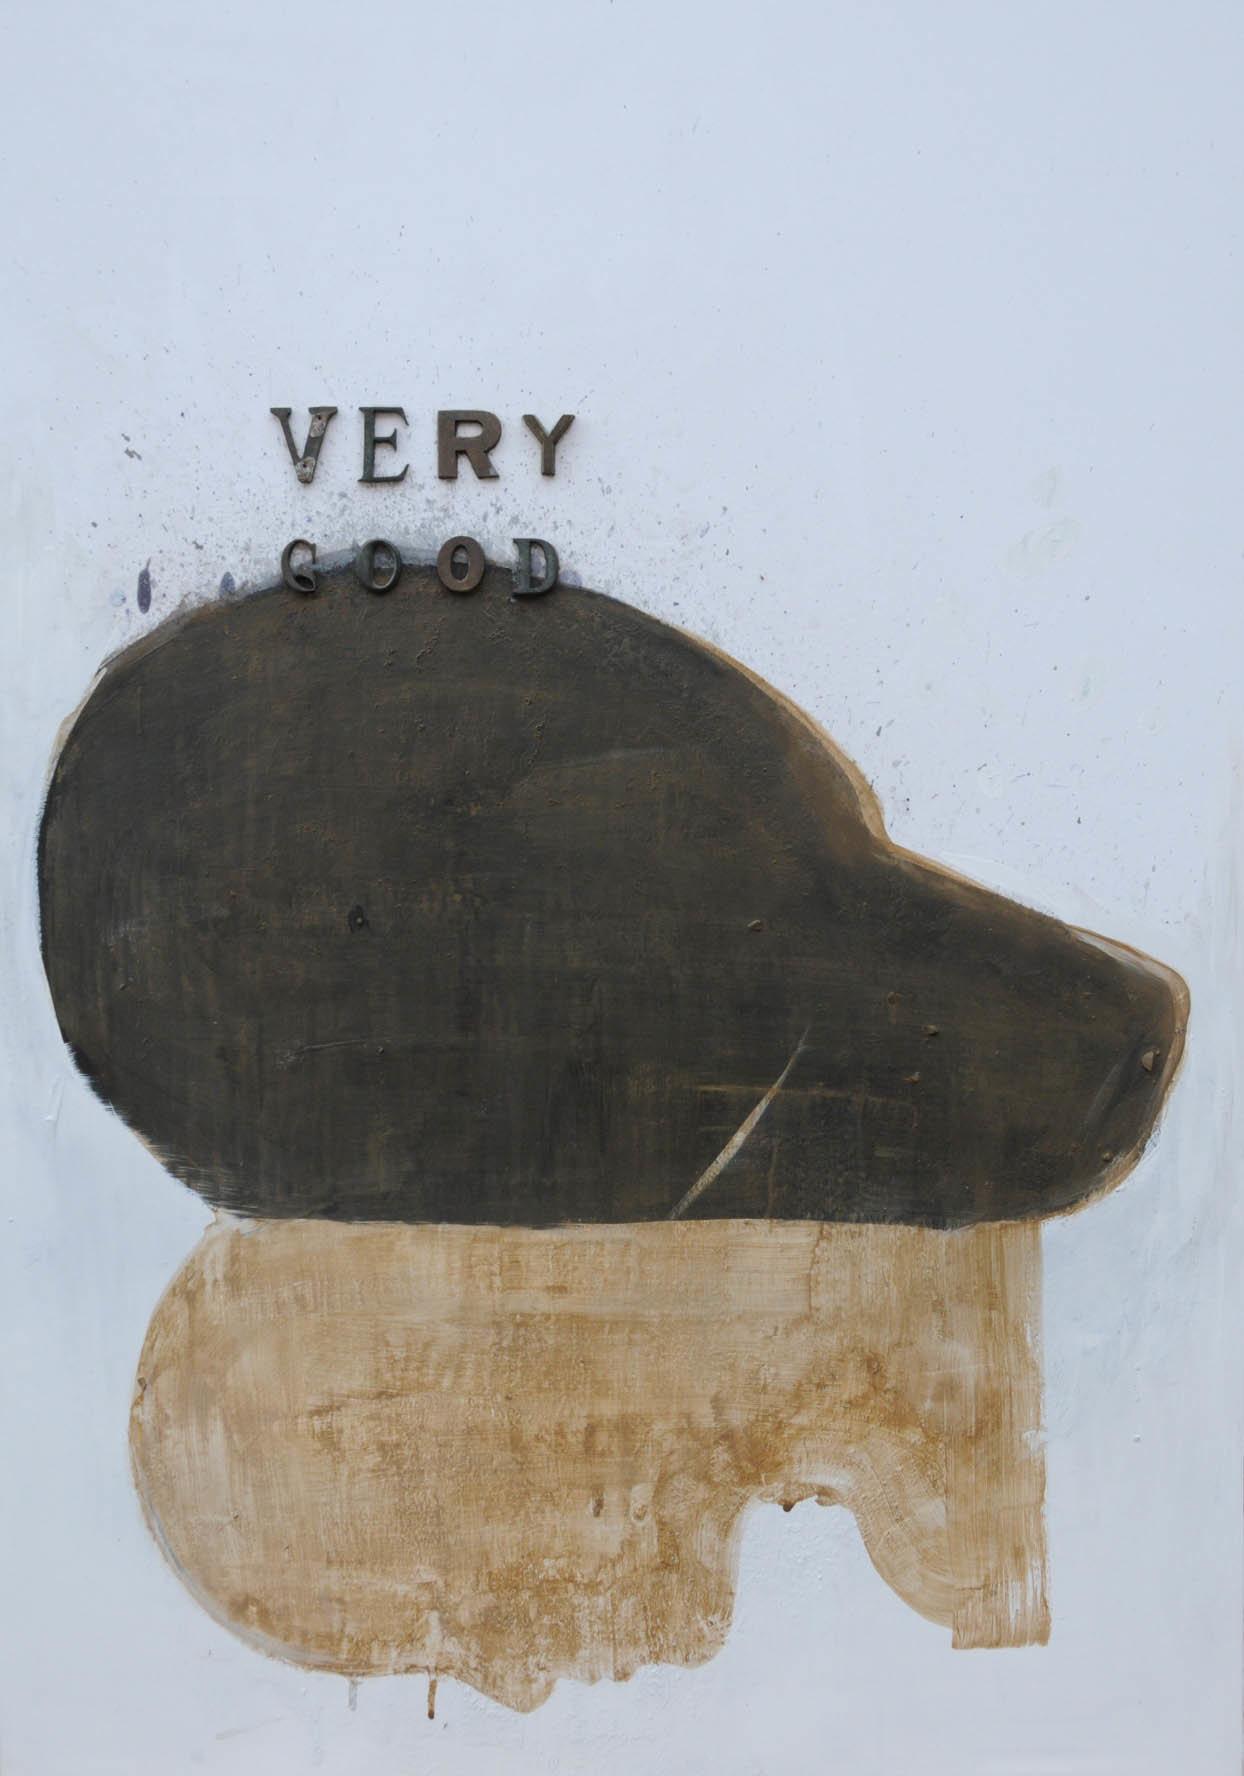 Nelis van Hulten, Loving tenderly 3.27, 2014